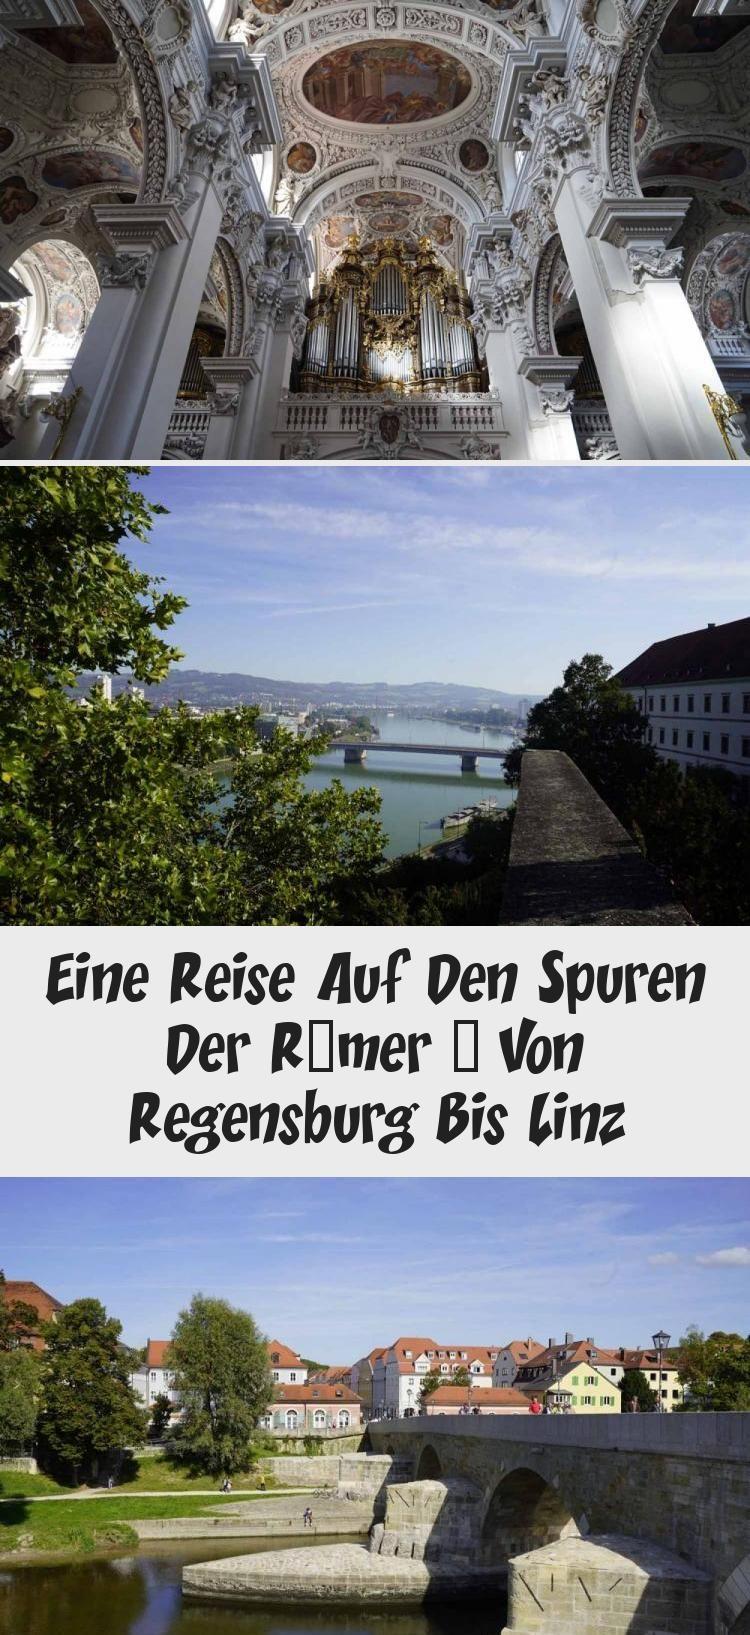 Ein Toller Reisetipp Entlang Der Donau Auf Der Strasse Der Kaiser Und Konige Die Reise Startet Im Mittelalterlichen Regensburg D In 2020 Regensburg Linz Sightseeing